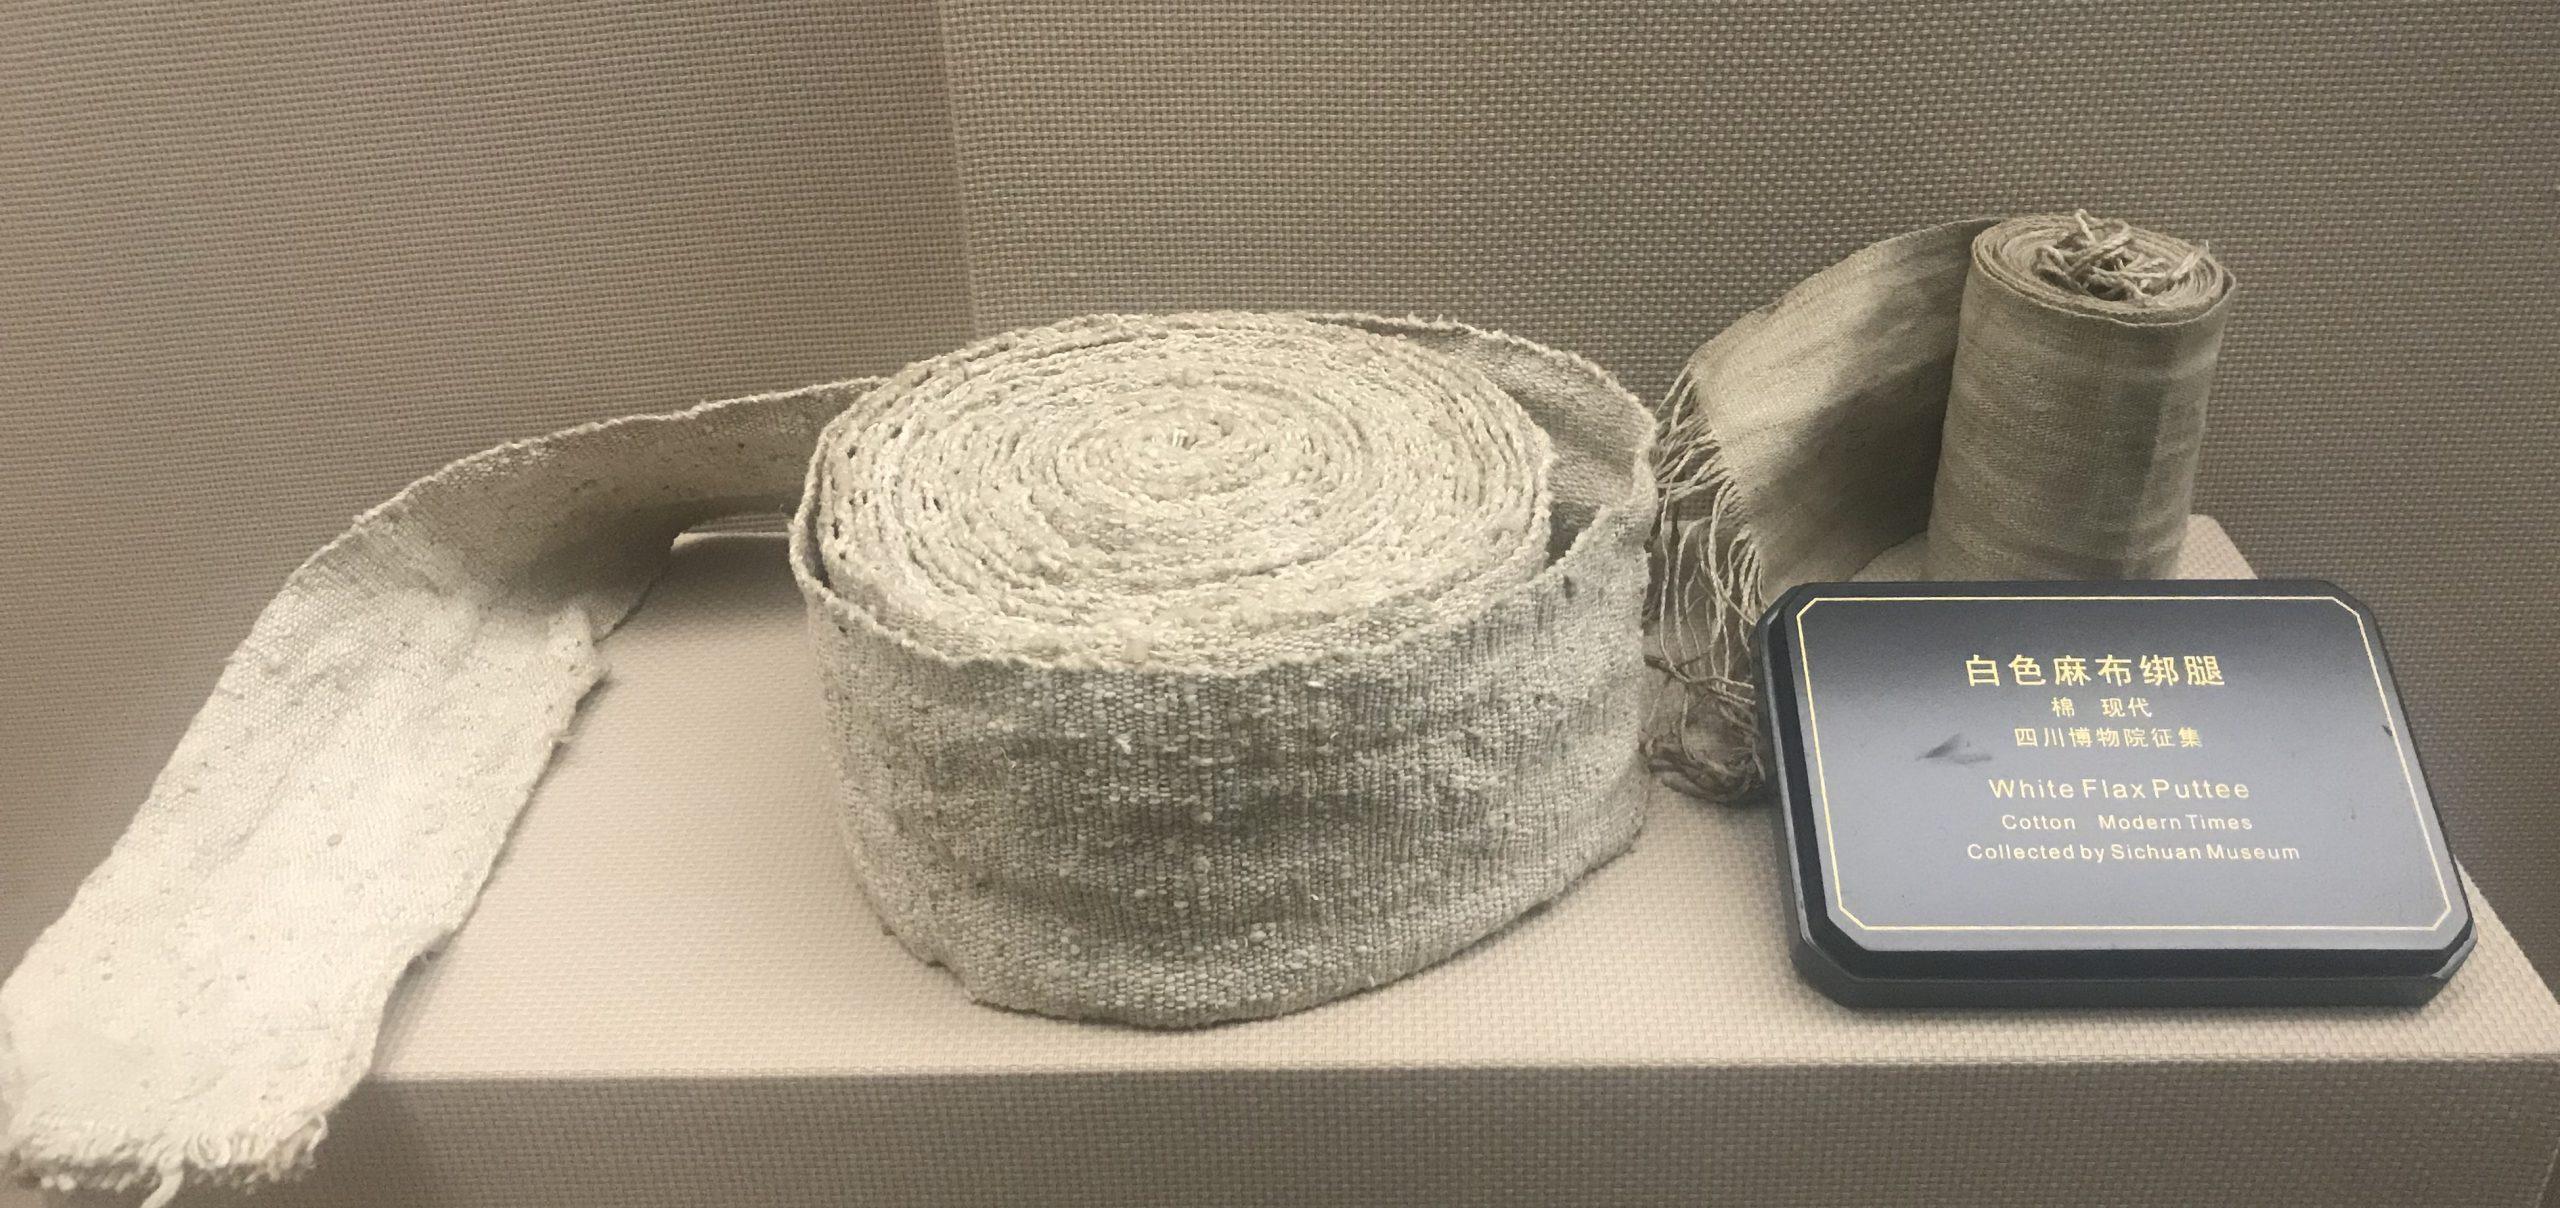 白色麻布綁腿-チャン族衣装-四川民族文物館-四川博物館-成都